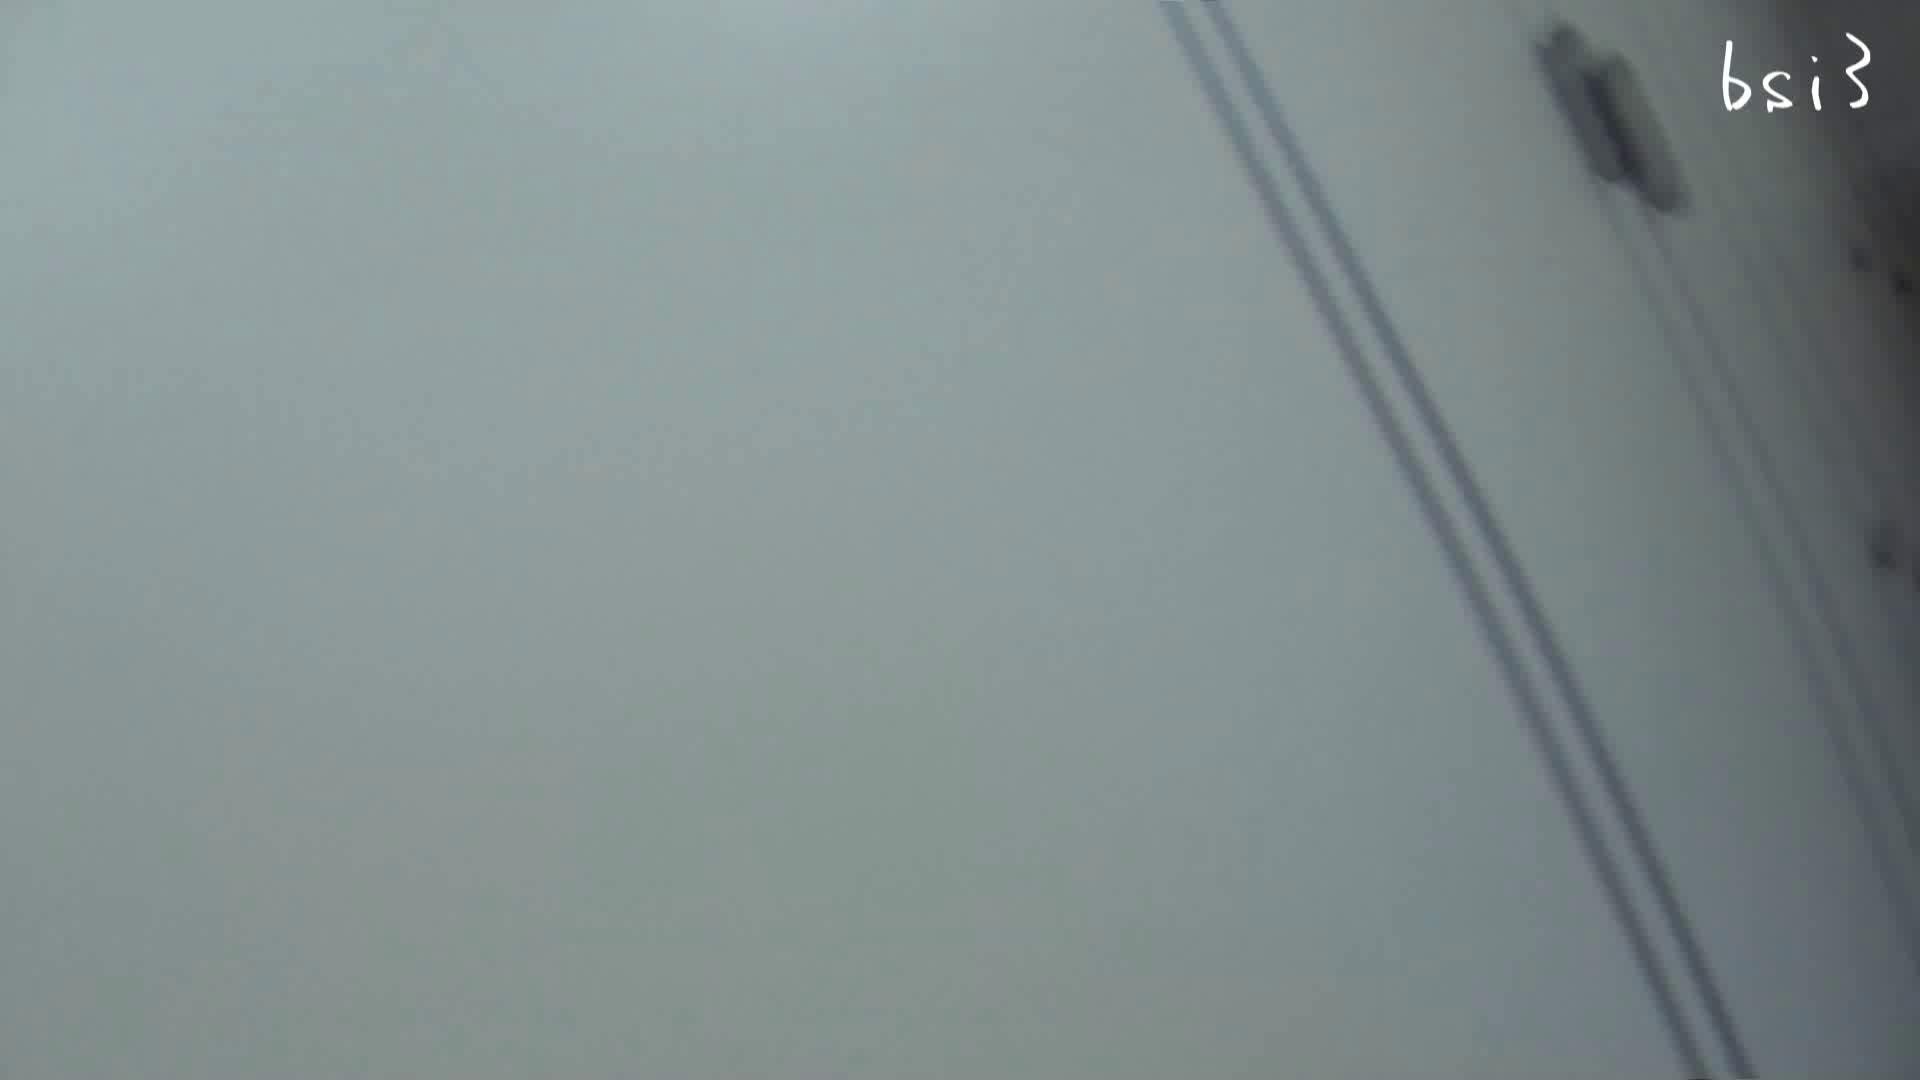 ナースのお小水 vol.003 OLのエロ生活 われめAV動画紹介 101連発 89